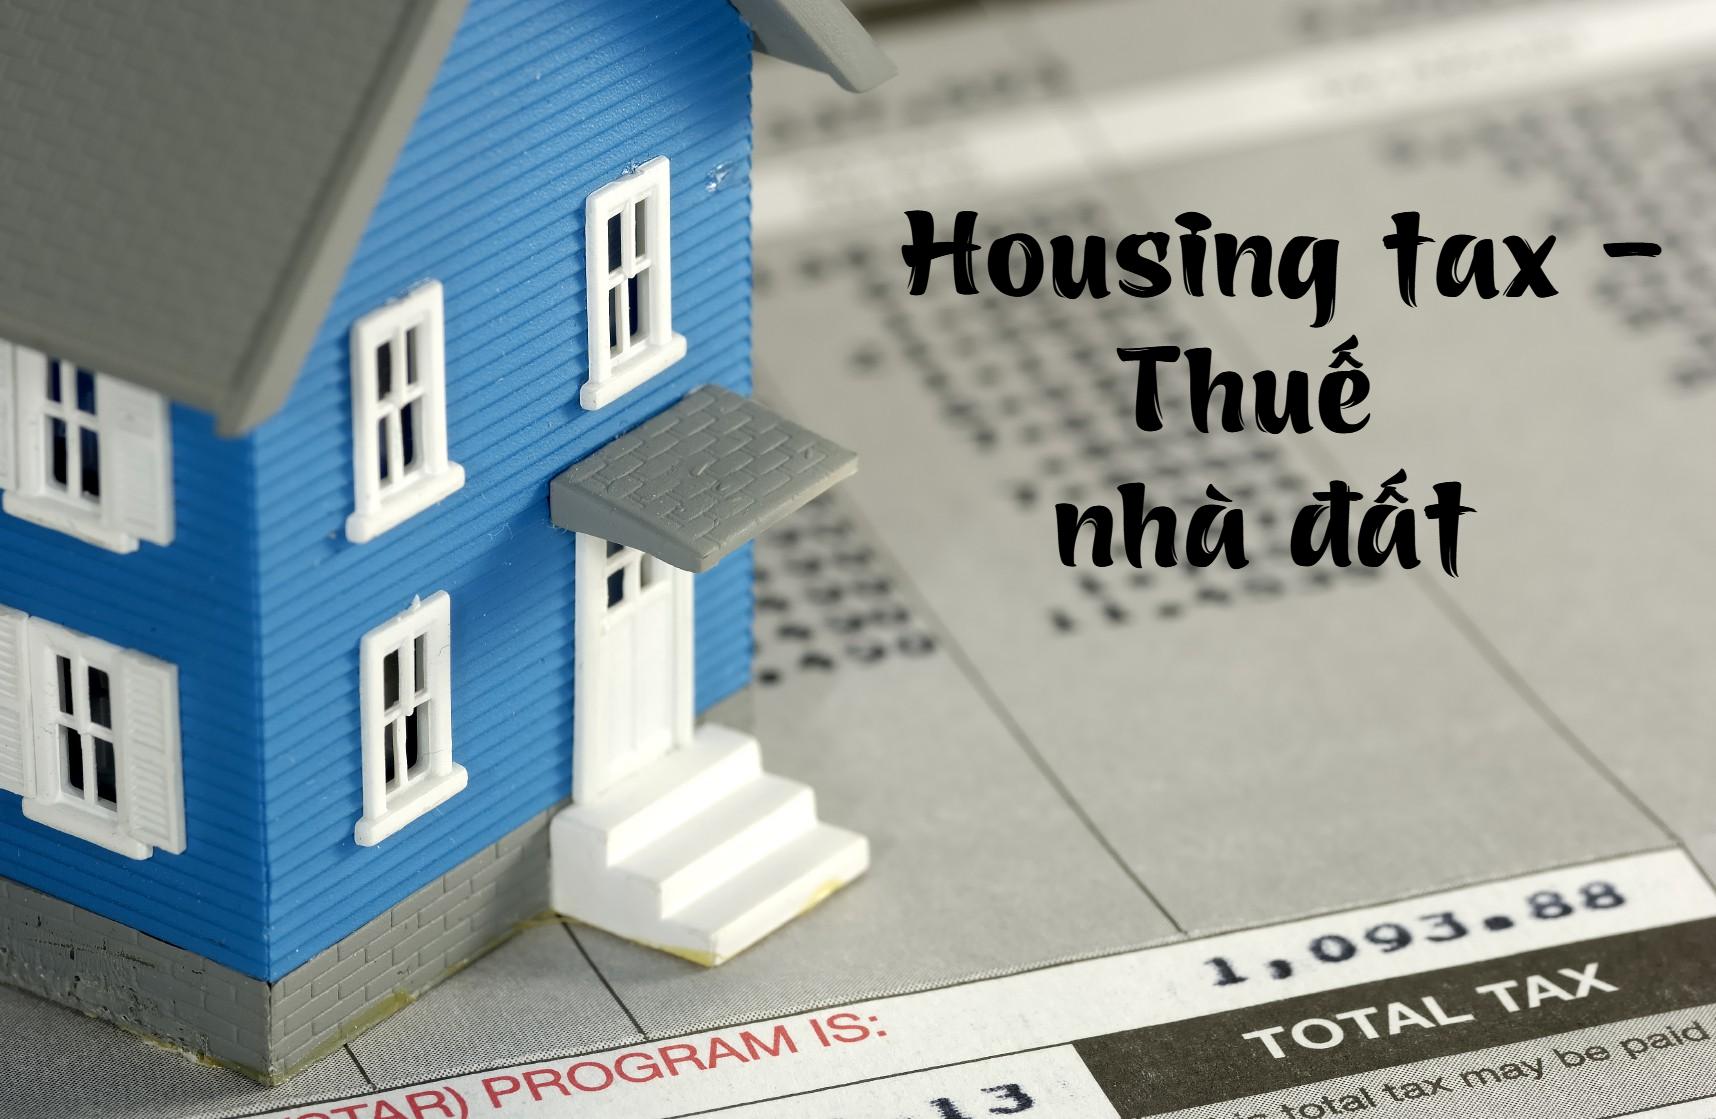 Thuế nhà đất (Housing tax) là gì? Đối tượng và căn cứ tính thuế